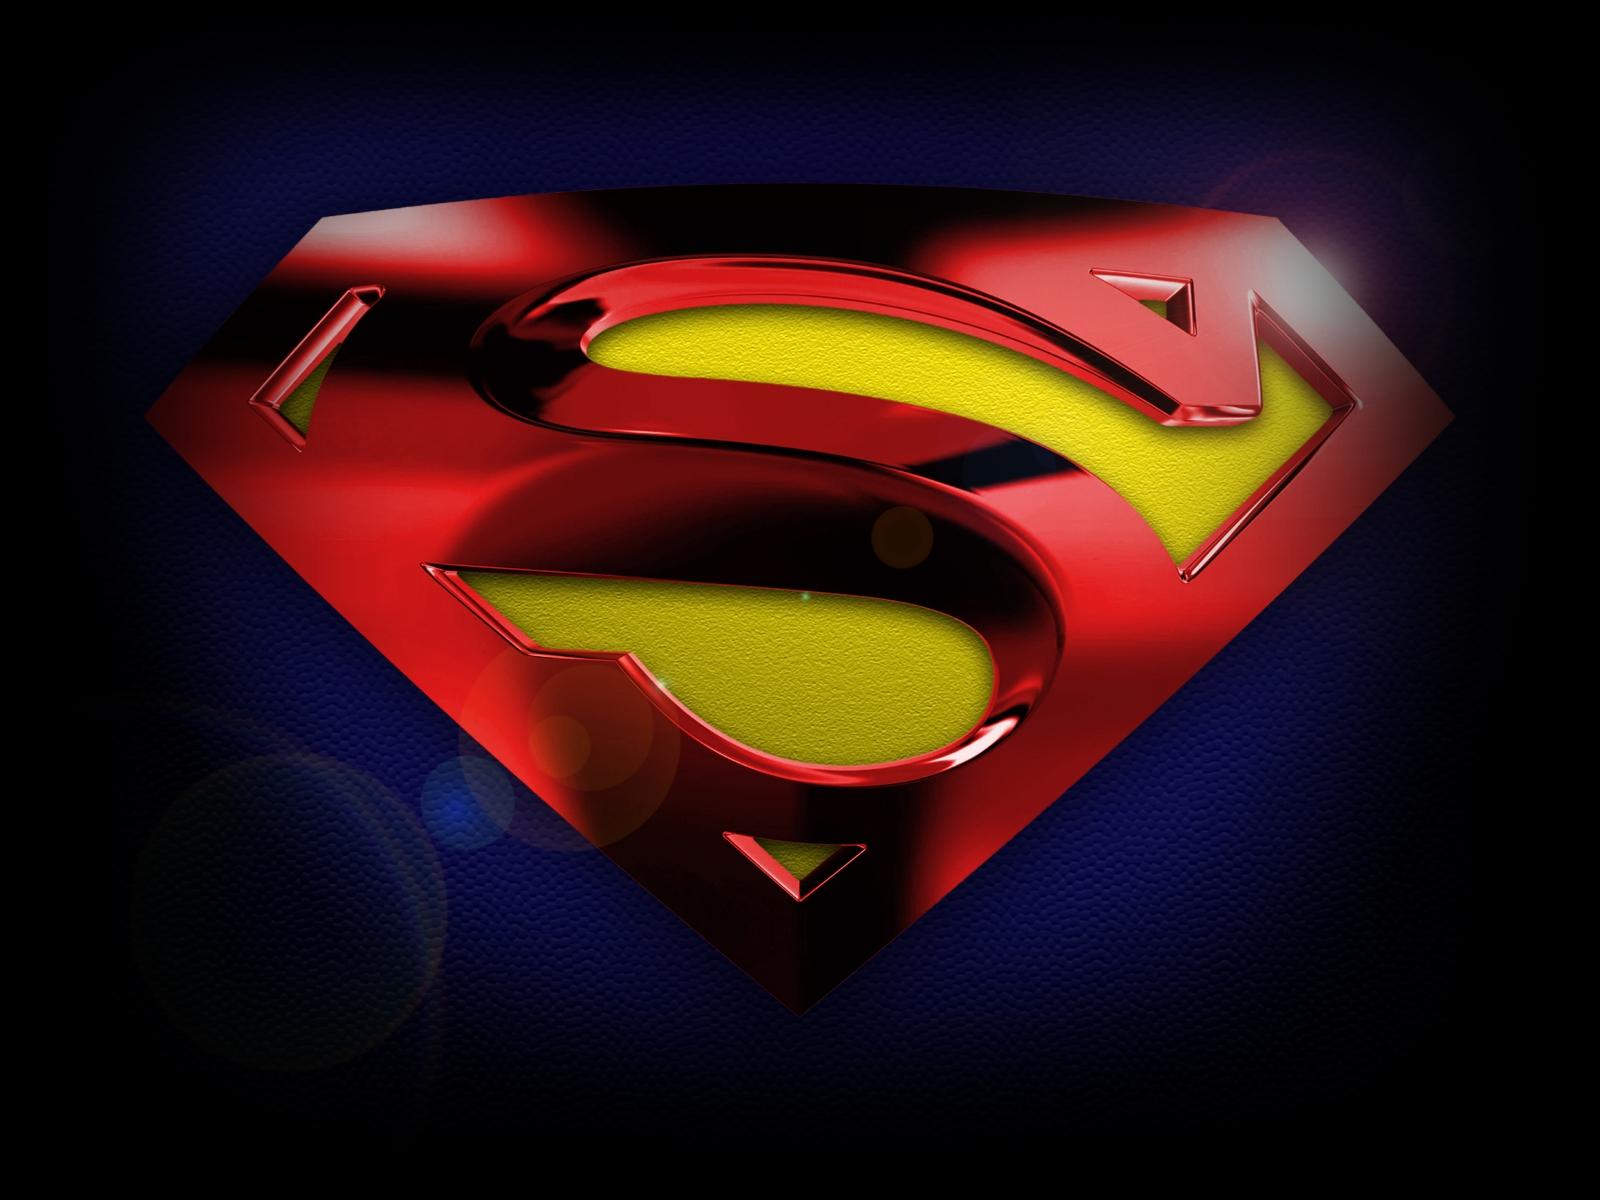 http://4.bp.blogspot.com/-DHox4a_YNFQ/TZJHHAXr3UI/AAAAAAAAcxY/Df9MqZCS84U/s1600/superman%2Blogo%2Bblog%2Bde%2Bklau.jpg